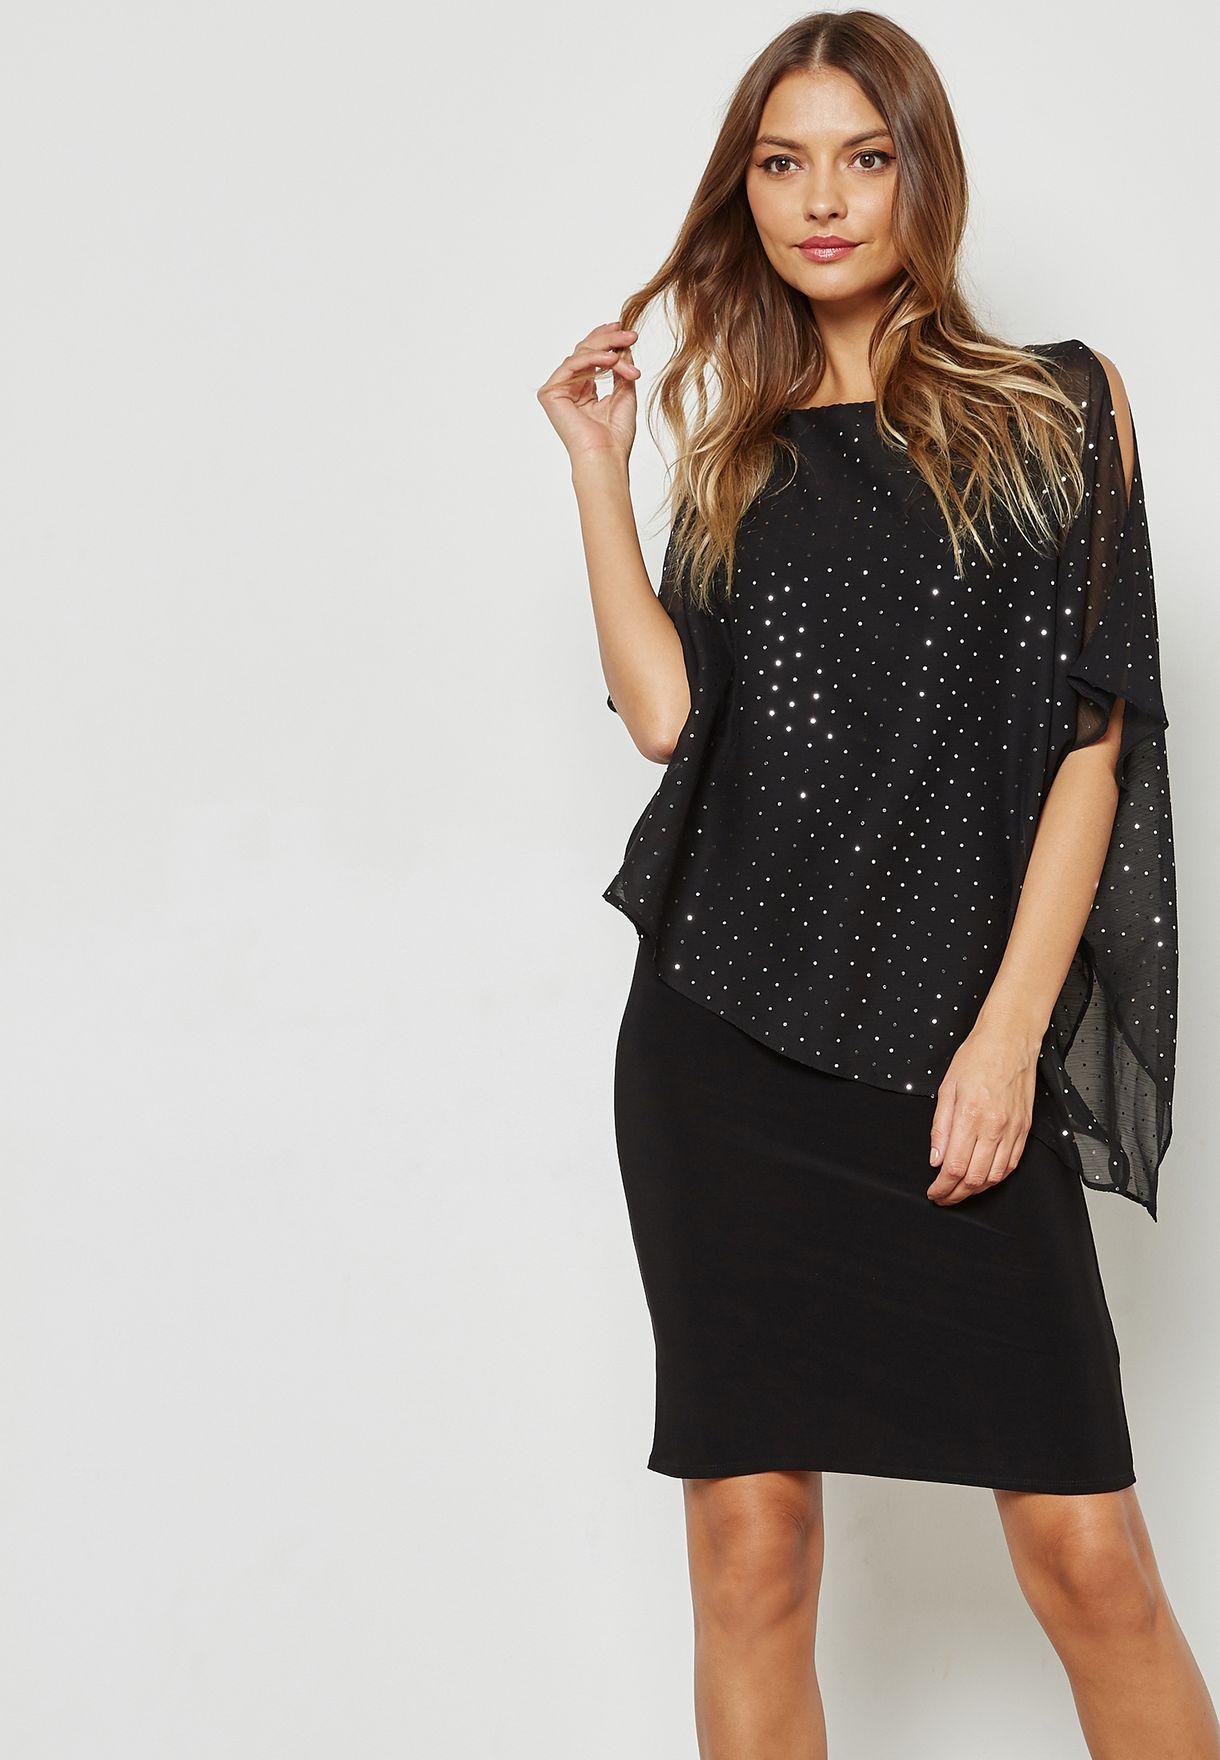 d2d4778d68 Shop Wallis black Sparkle Overlay Cold Shoulder Dress 154667001 for ...